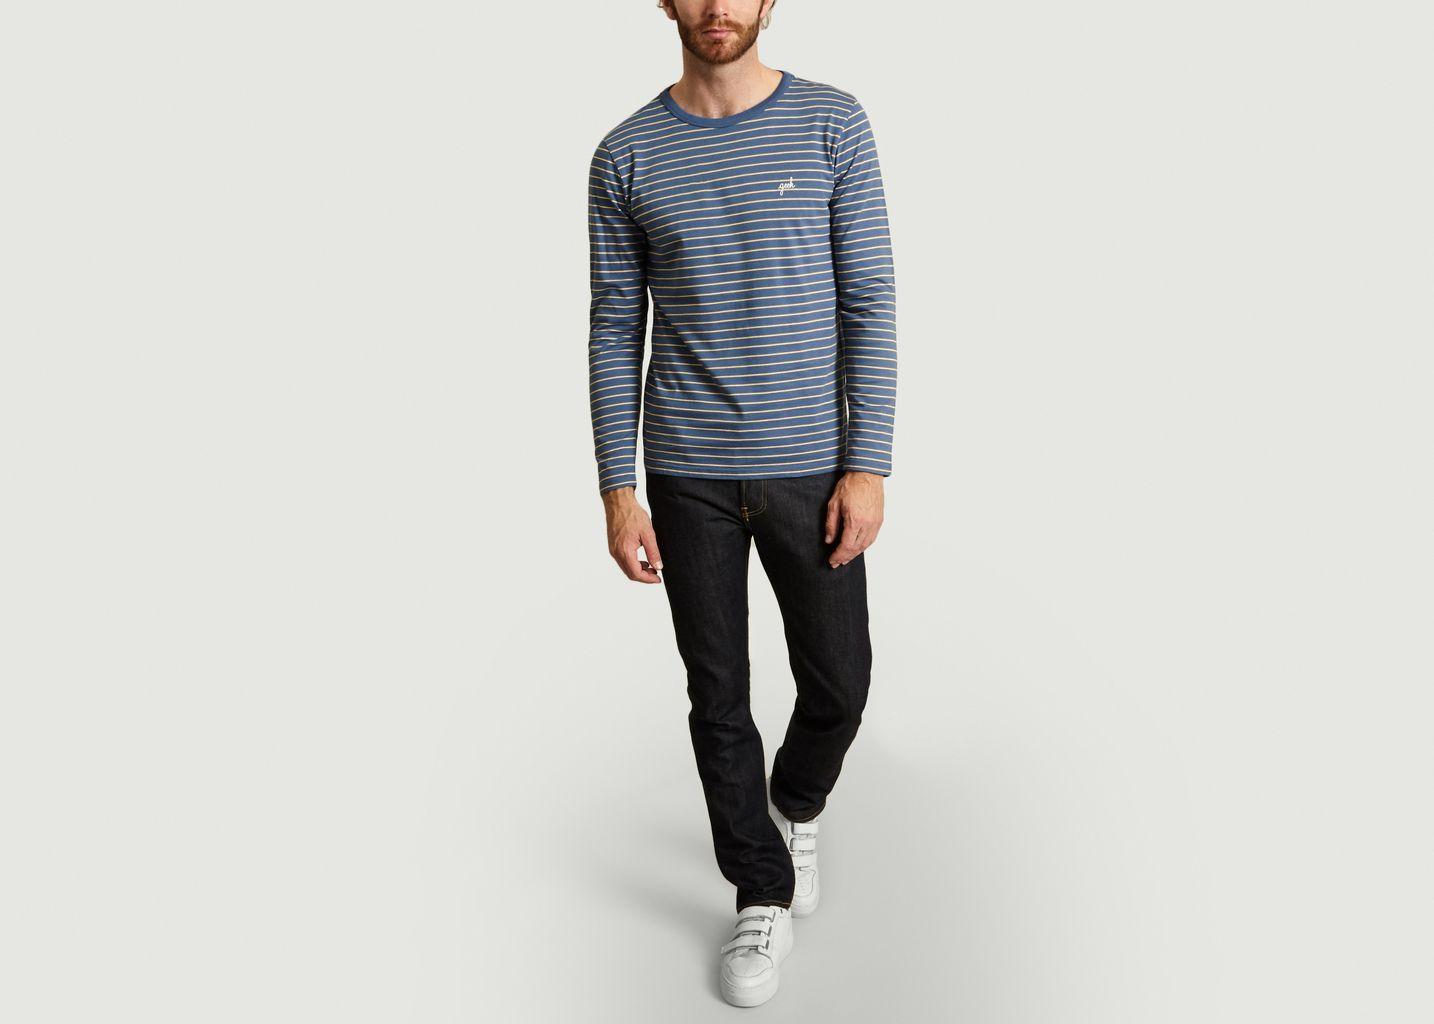 T-shirt Geek - Maison Labiche